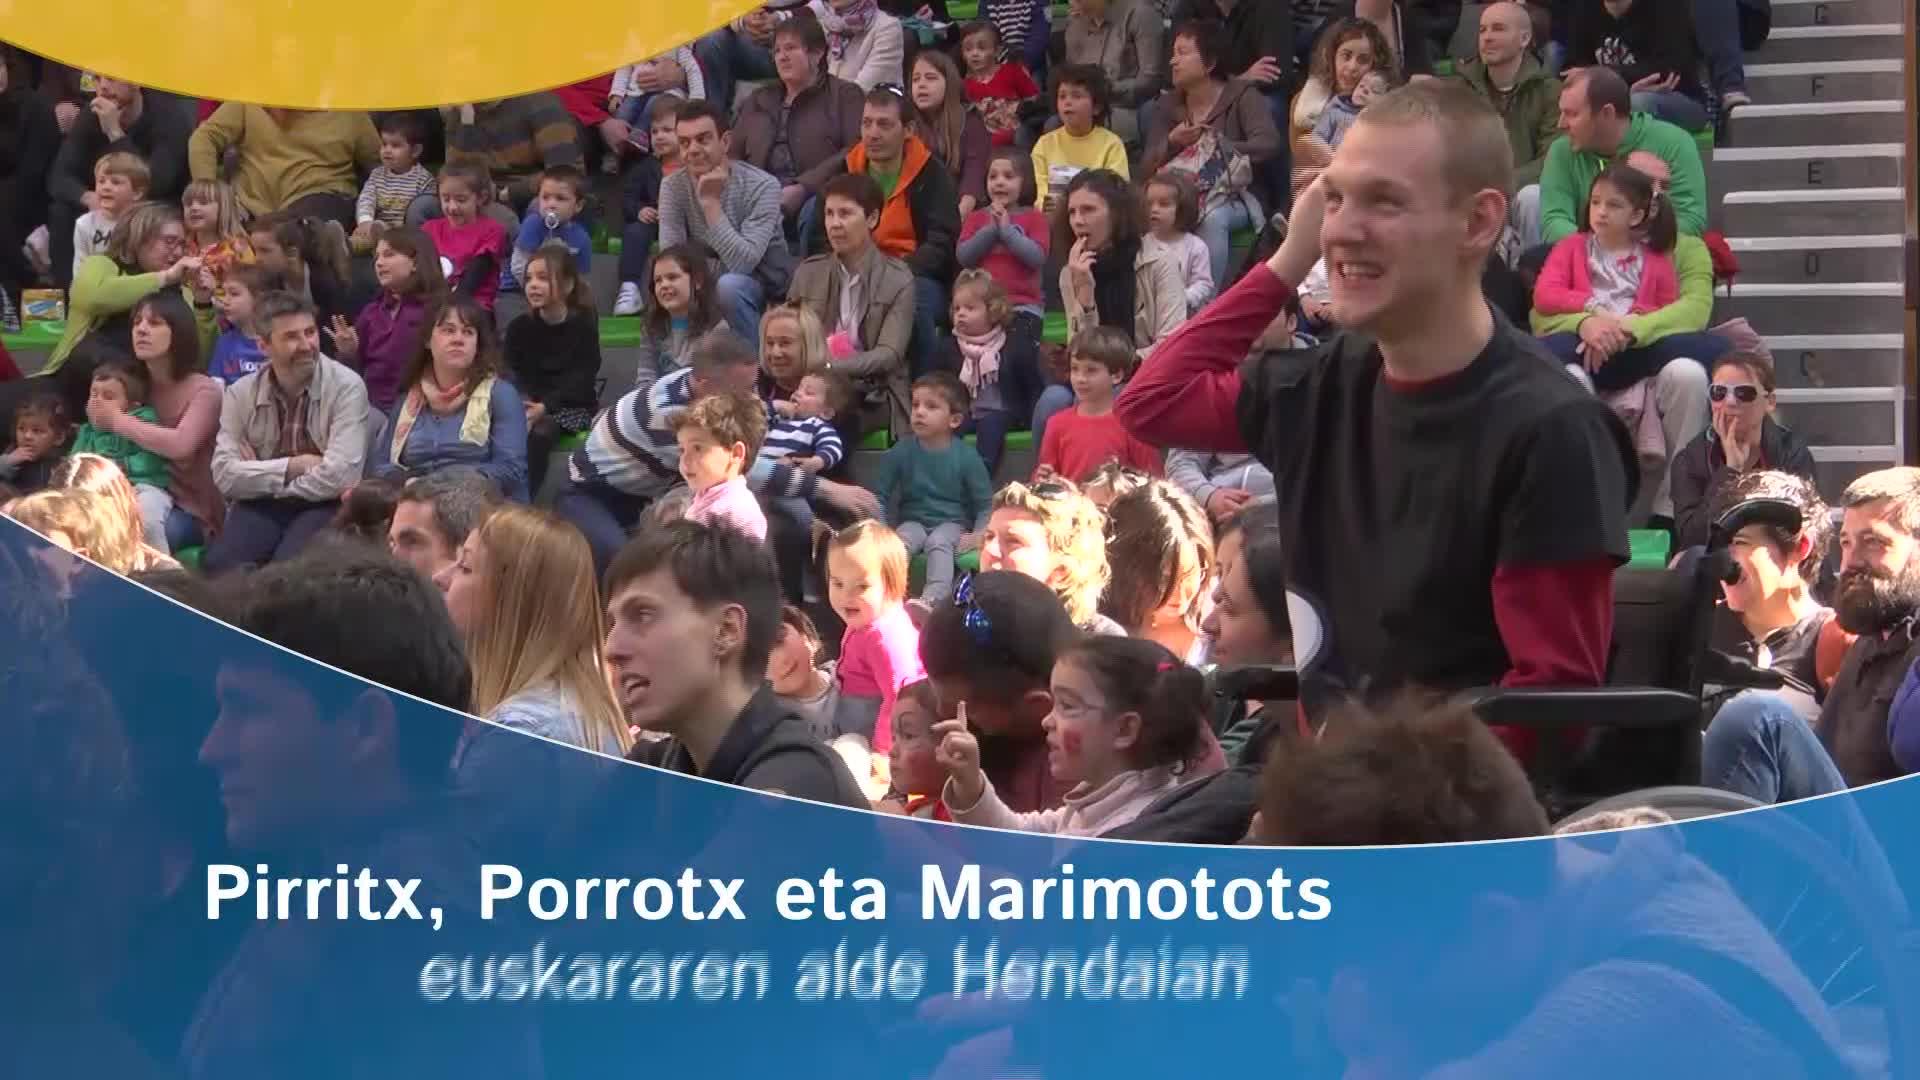 Pirritx, Porrotx eta Marimotots euskararen alde Hendaian